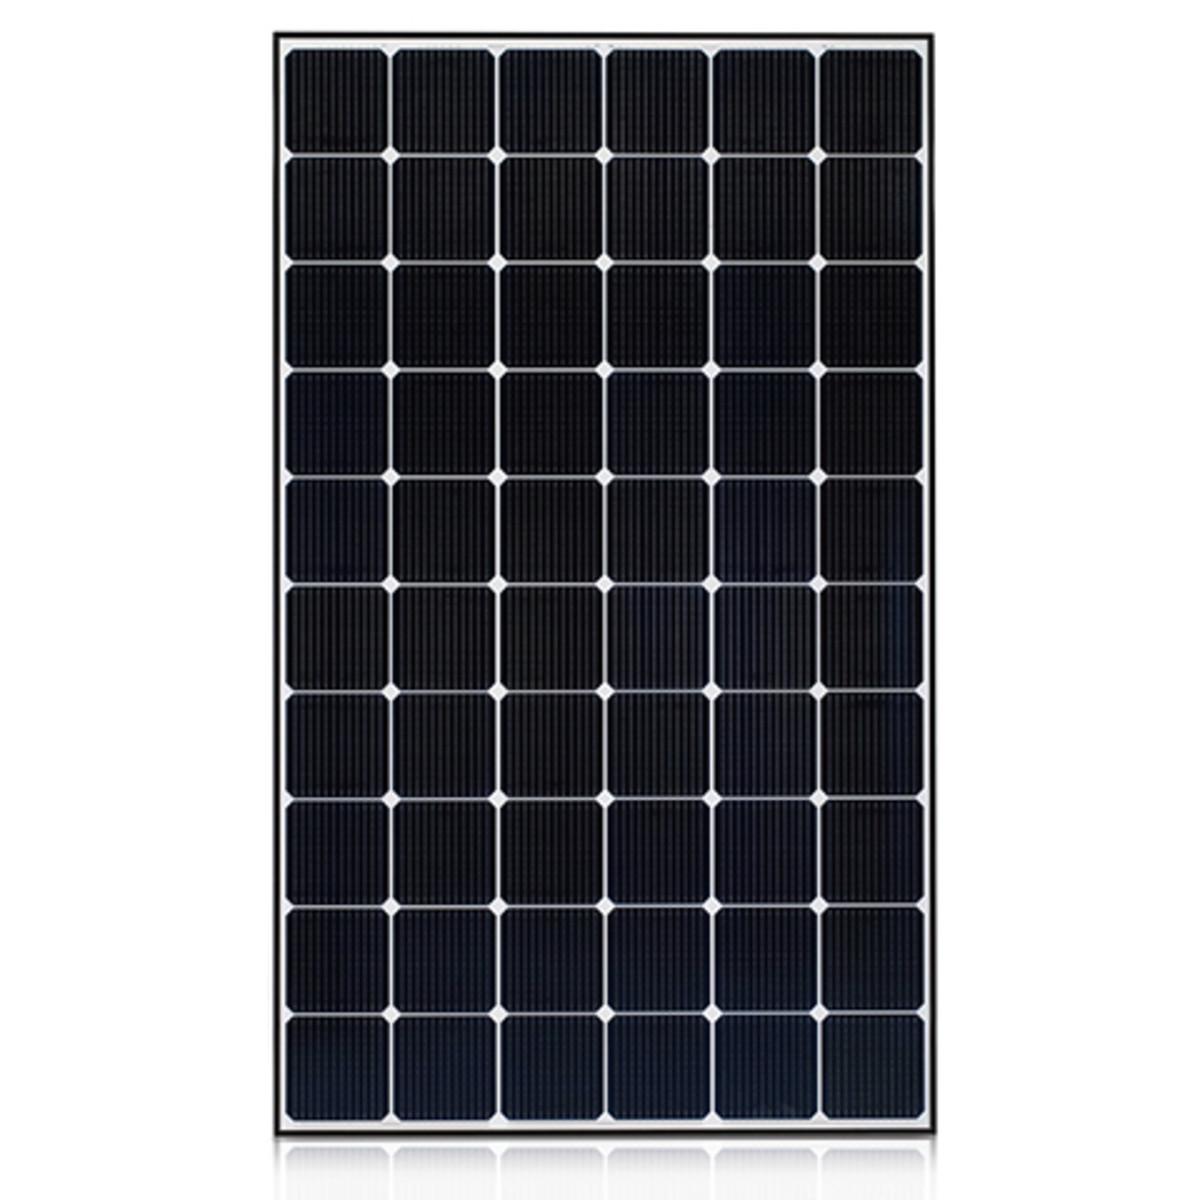 LG NeON2 LG335N1C-V5 335w Mono Solar Panel